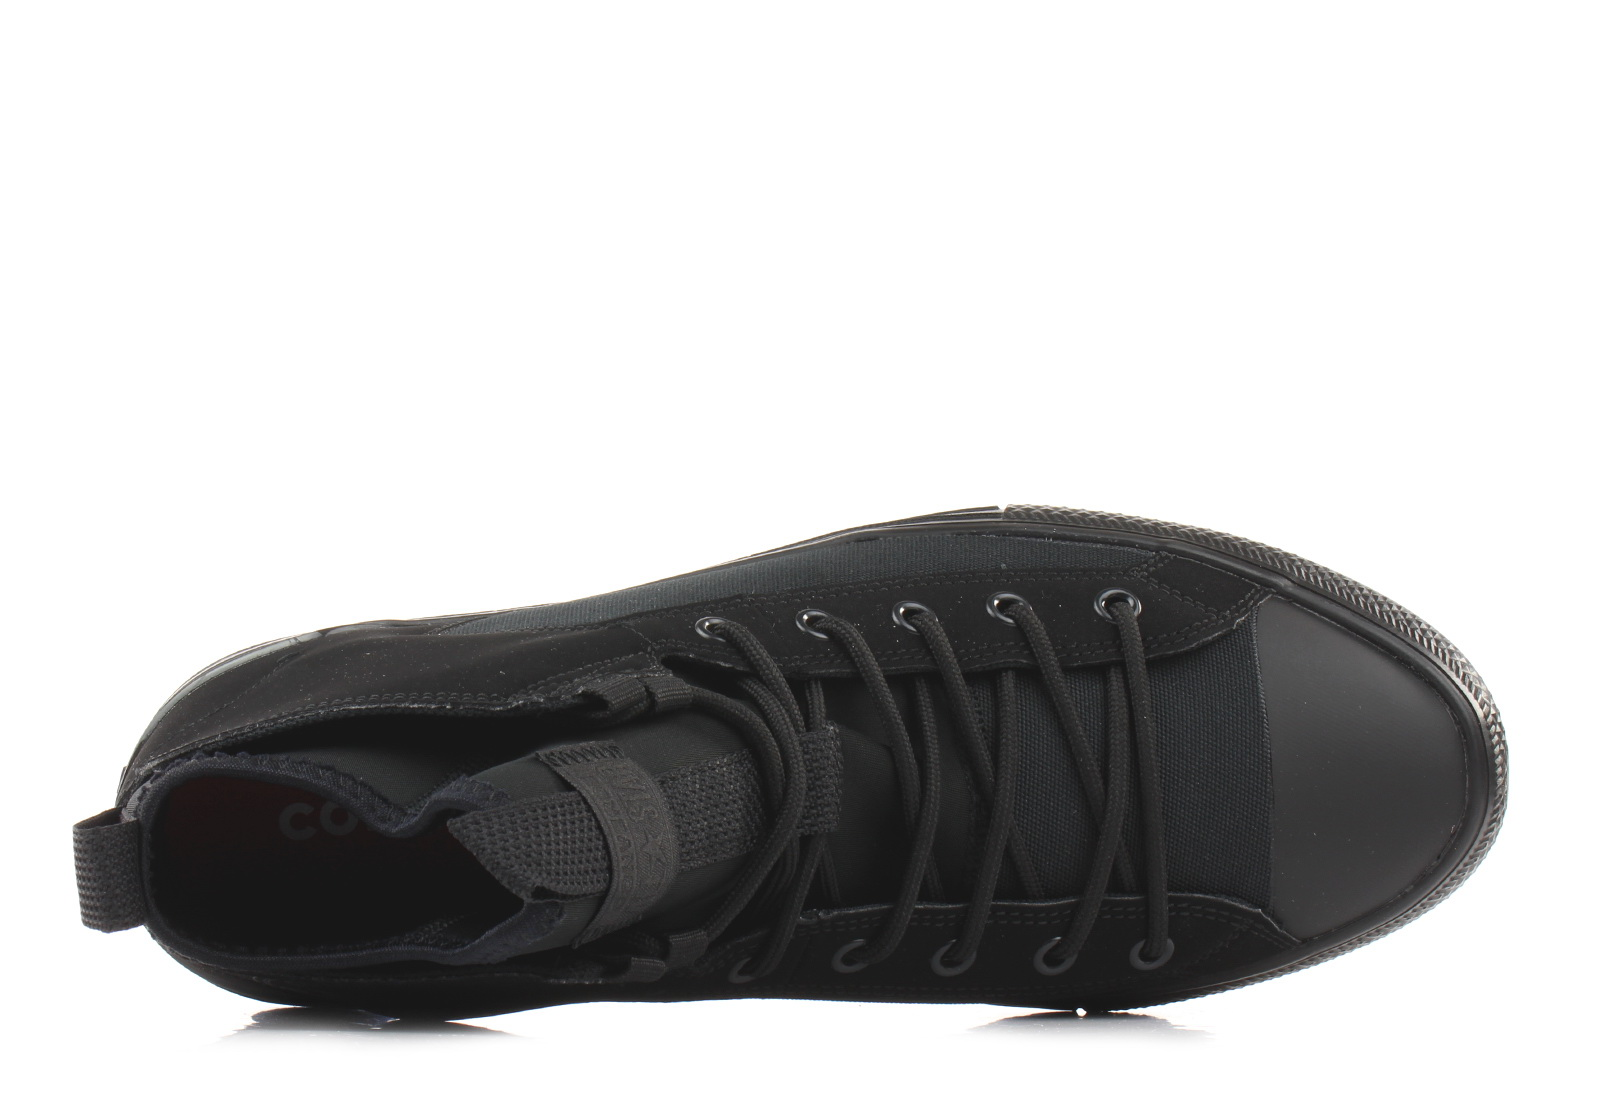 da25752e218e Converse Cipő - Ct As Ultra Mid - 162378C - Office Shoes Magyarország